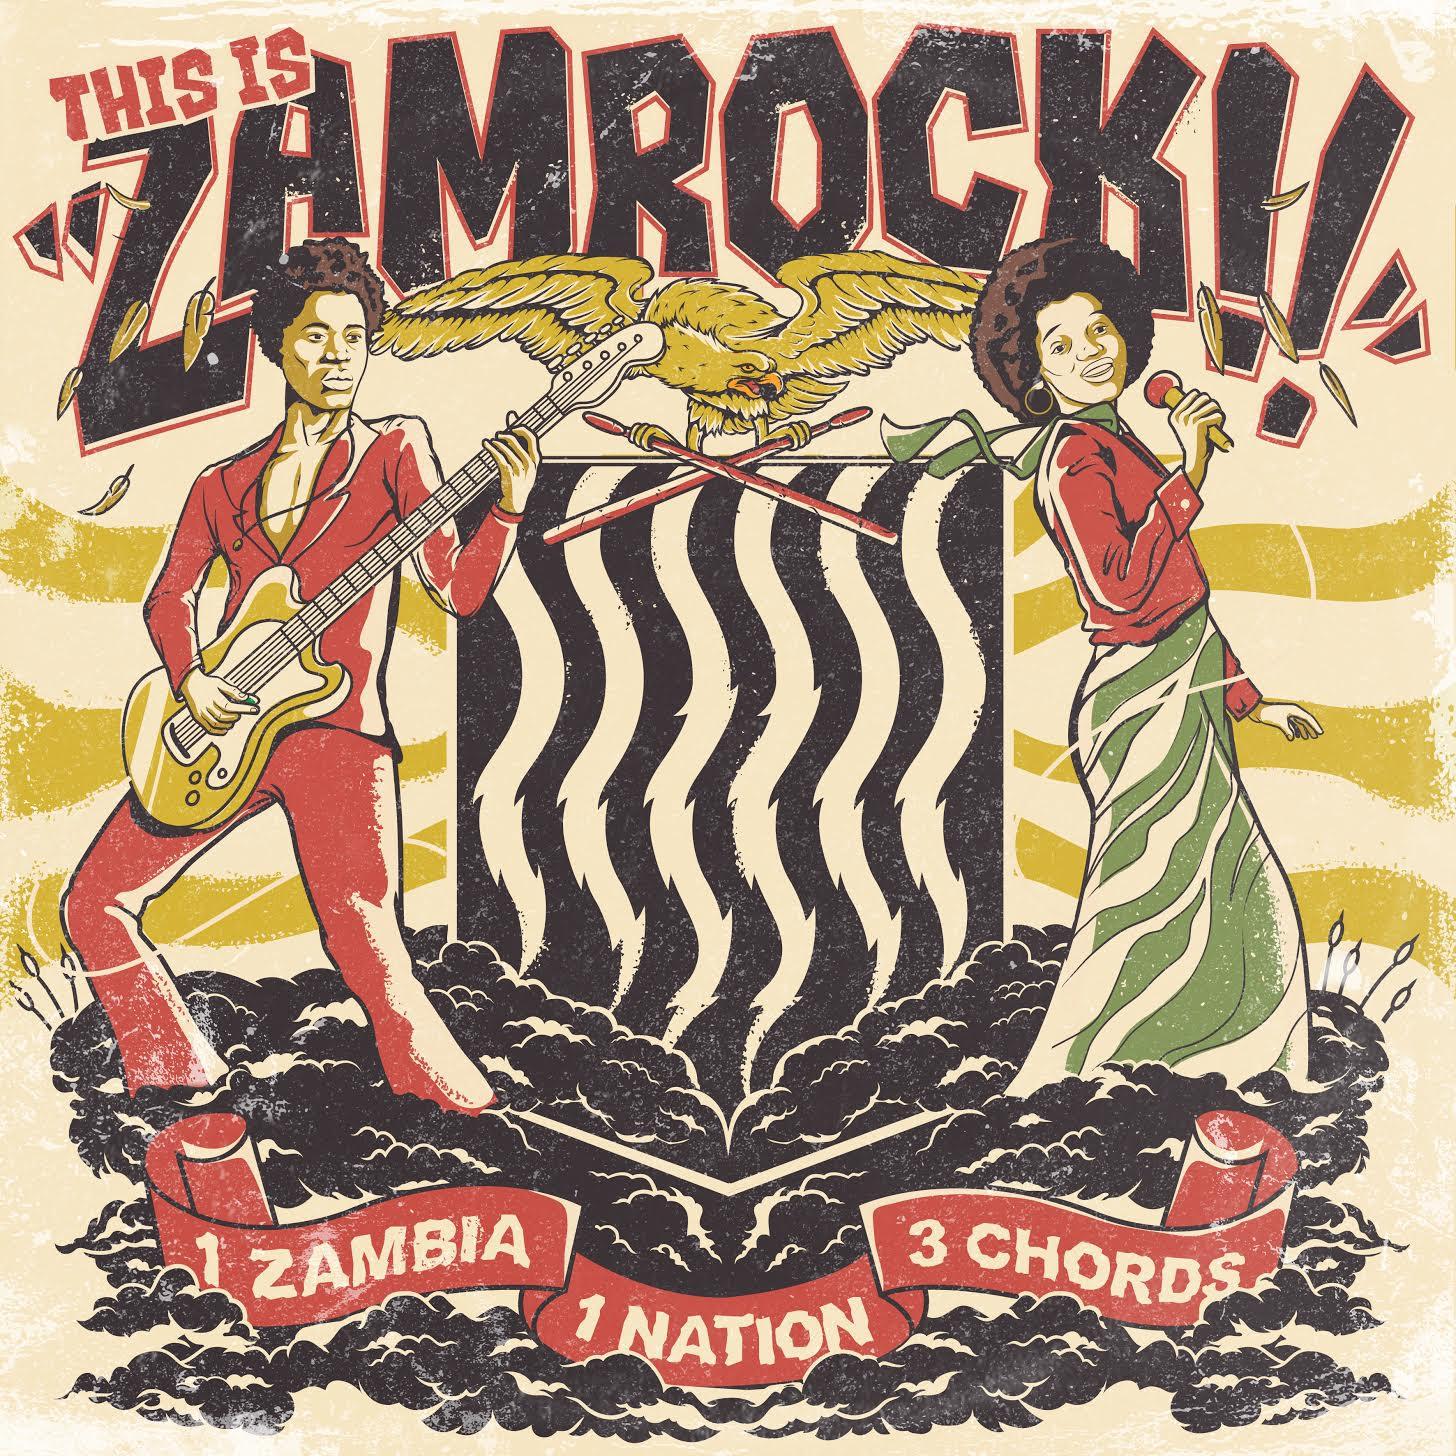 Zam Rock